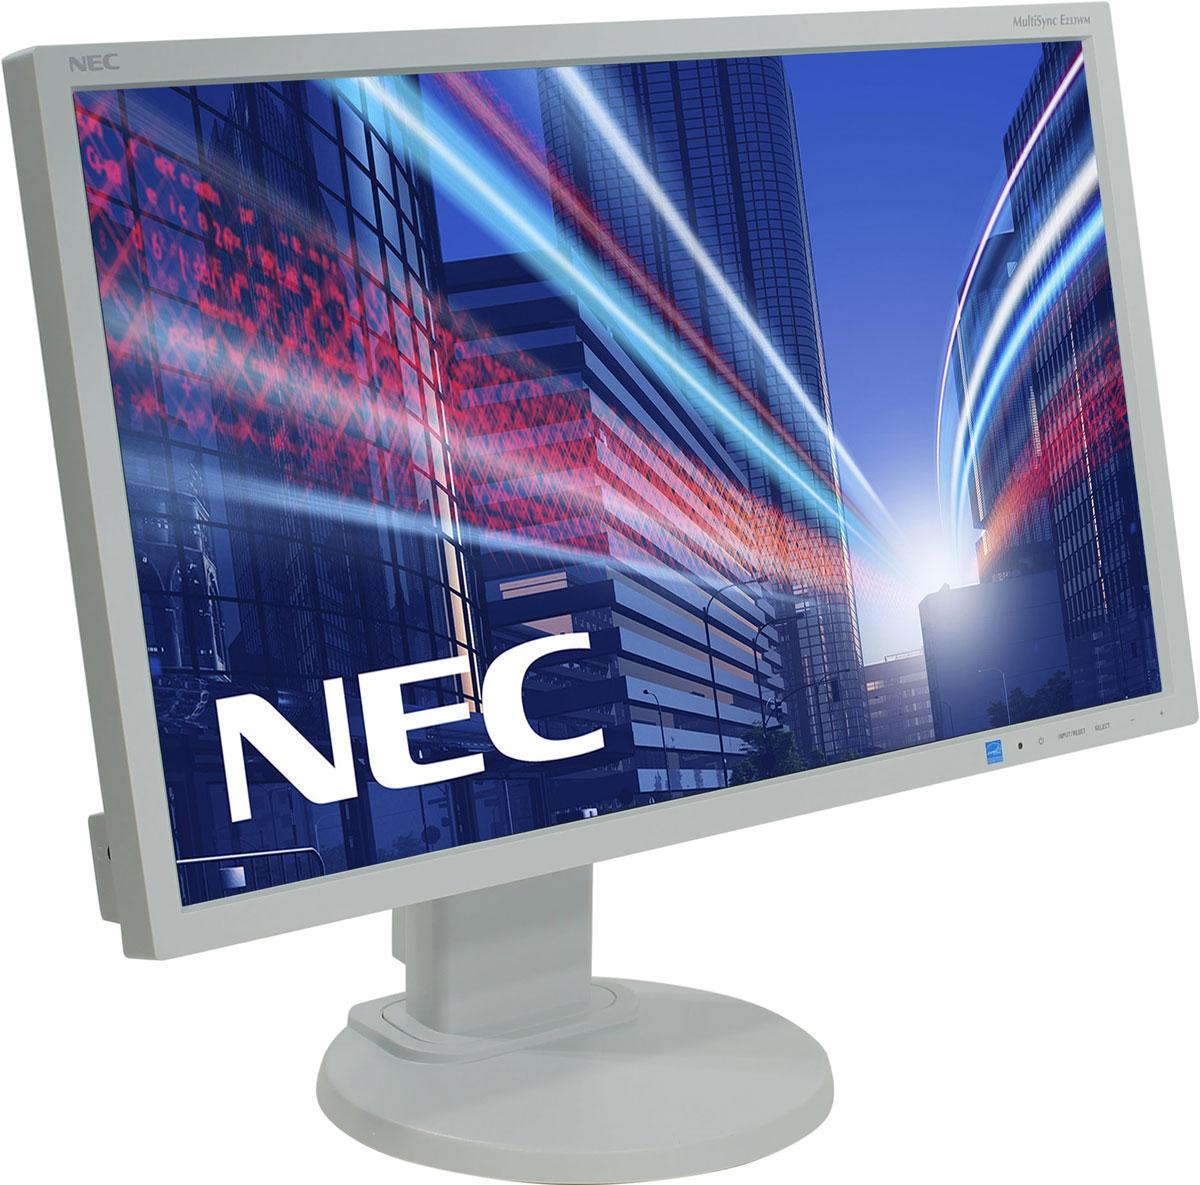 NEC E233WM, White мониторE233WMНастройка монитора NEC E233WM согласно вашим индивидуальным предпочтениям еще никогда не была такой простой, быстрой и эффективной. Высокая эргономическая гибкость, например, регулировка по высоте, изменение угла наклона и возможность поворота, а также вертикальная и горизонтальная ориентация монитора, создает более удобные и продуктивные условия для работы. Активная антибликовая поверхность экрана монитора обеспечивает удобочитаемое и приятное для глаз качество изображения, предоставляя лучшее исполнение для лучших результатов в работе, благотворные впечатления от просмотра и удовлетворенность пользователей дисплея. Благодаря сокращению энергопотребления в режиме Eco на 50 % дисплей E233WM защищает не только окружающую среду от вредного воздействия, но и ваш кошелек от лишних затрат.